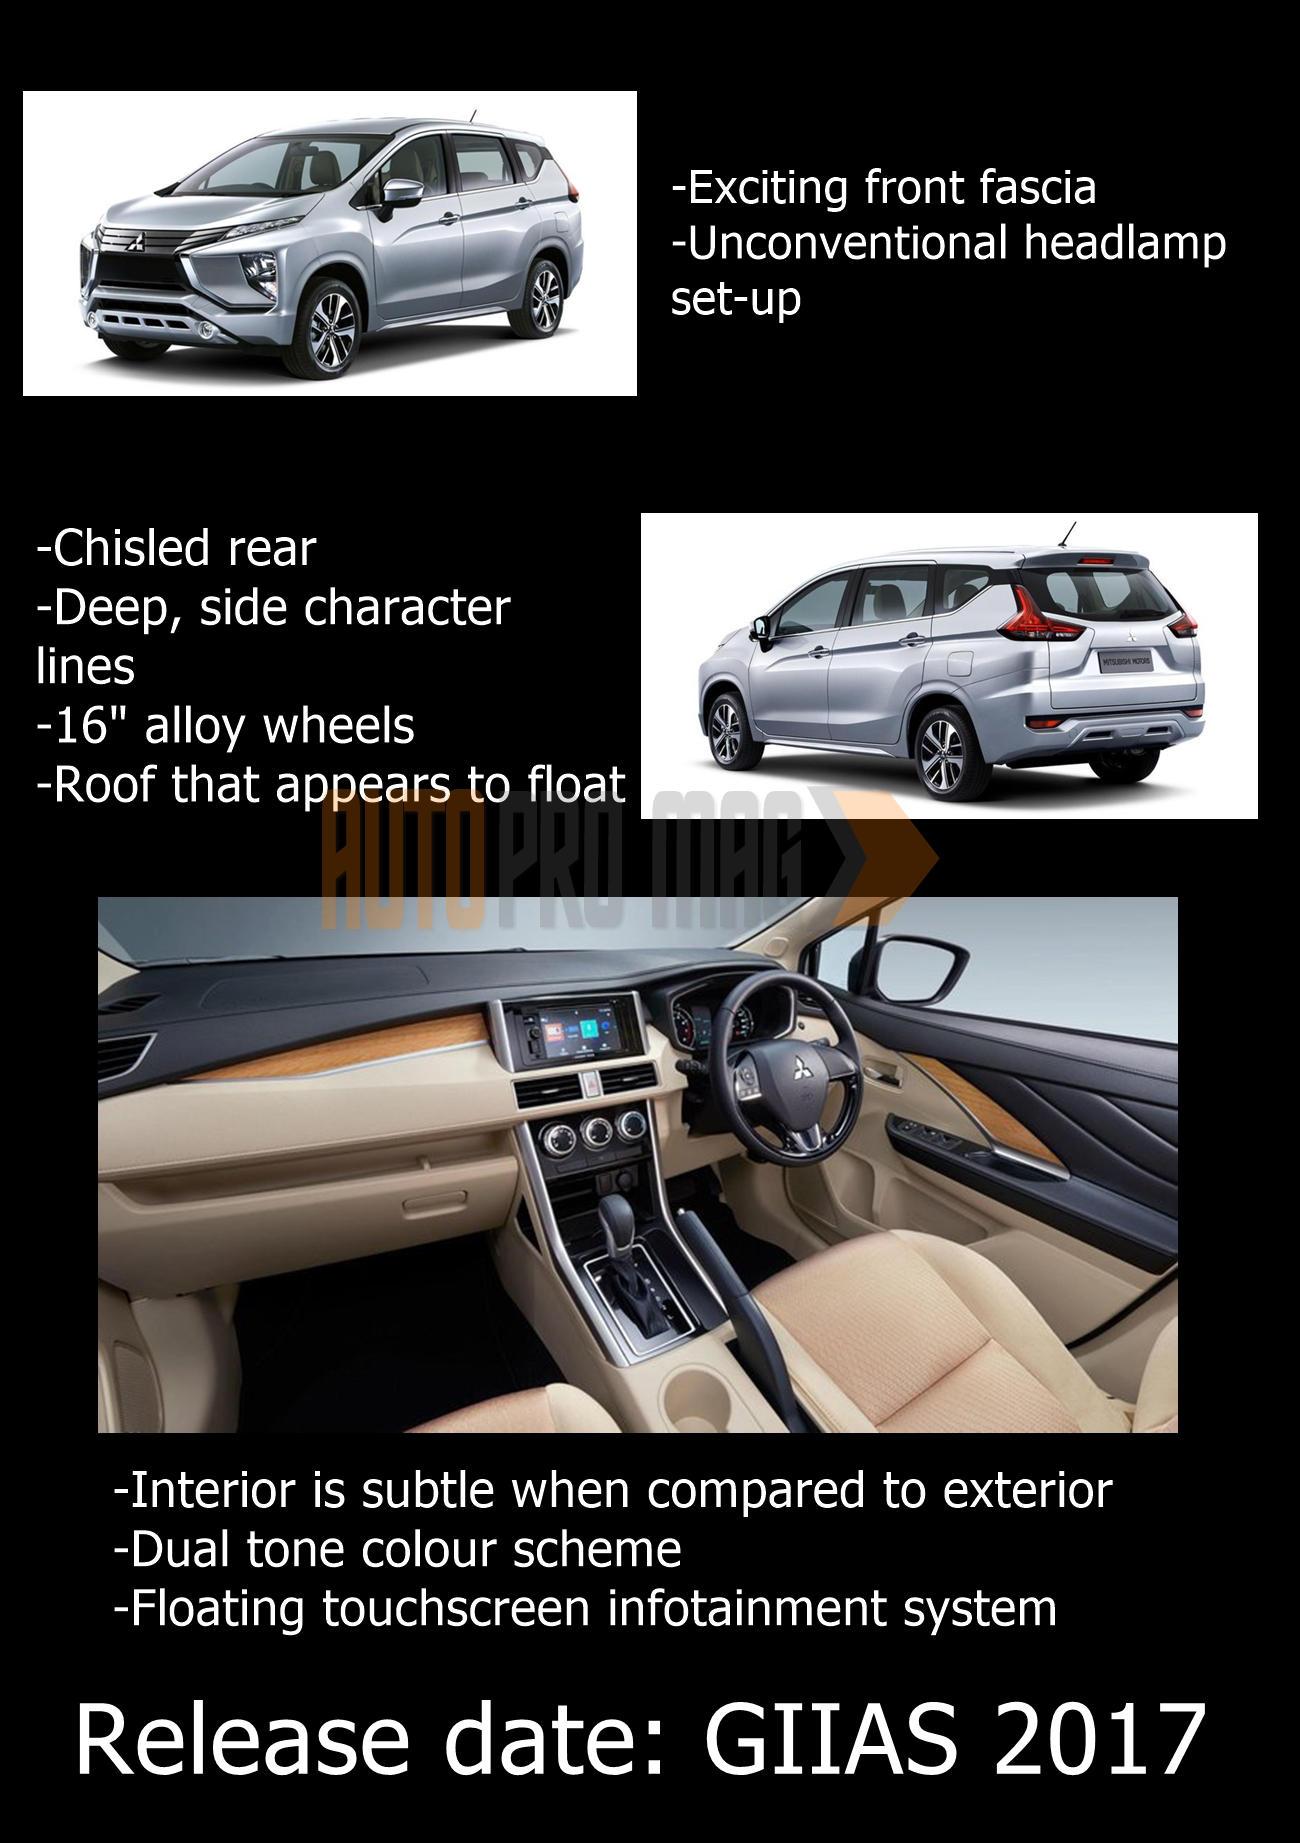 Mitsubishi expander news